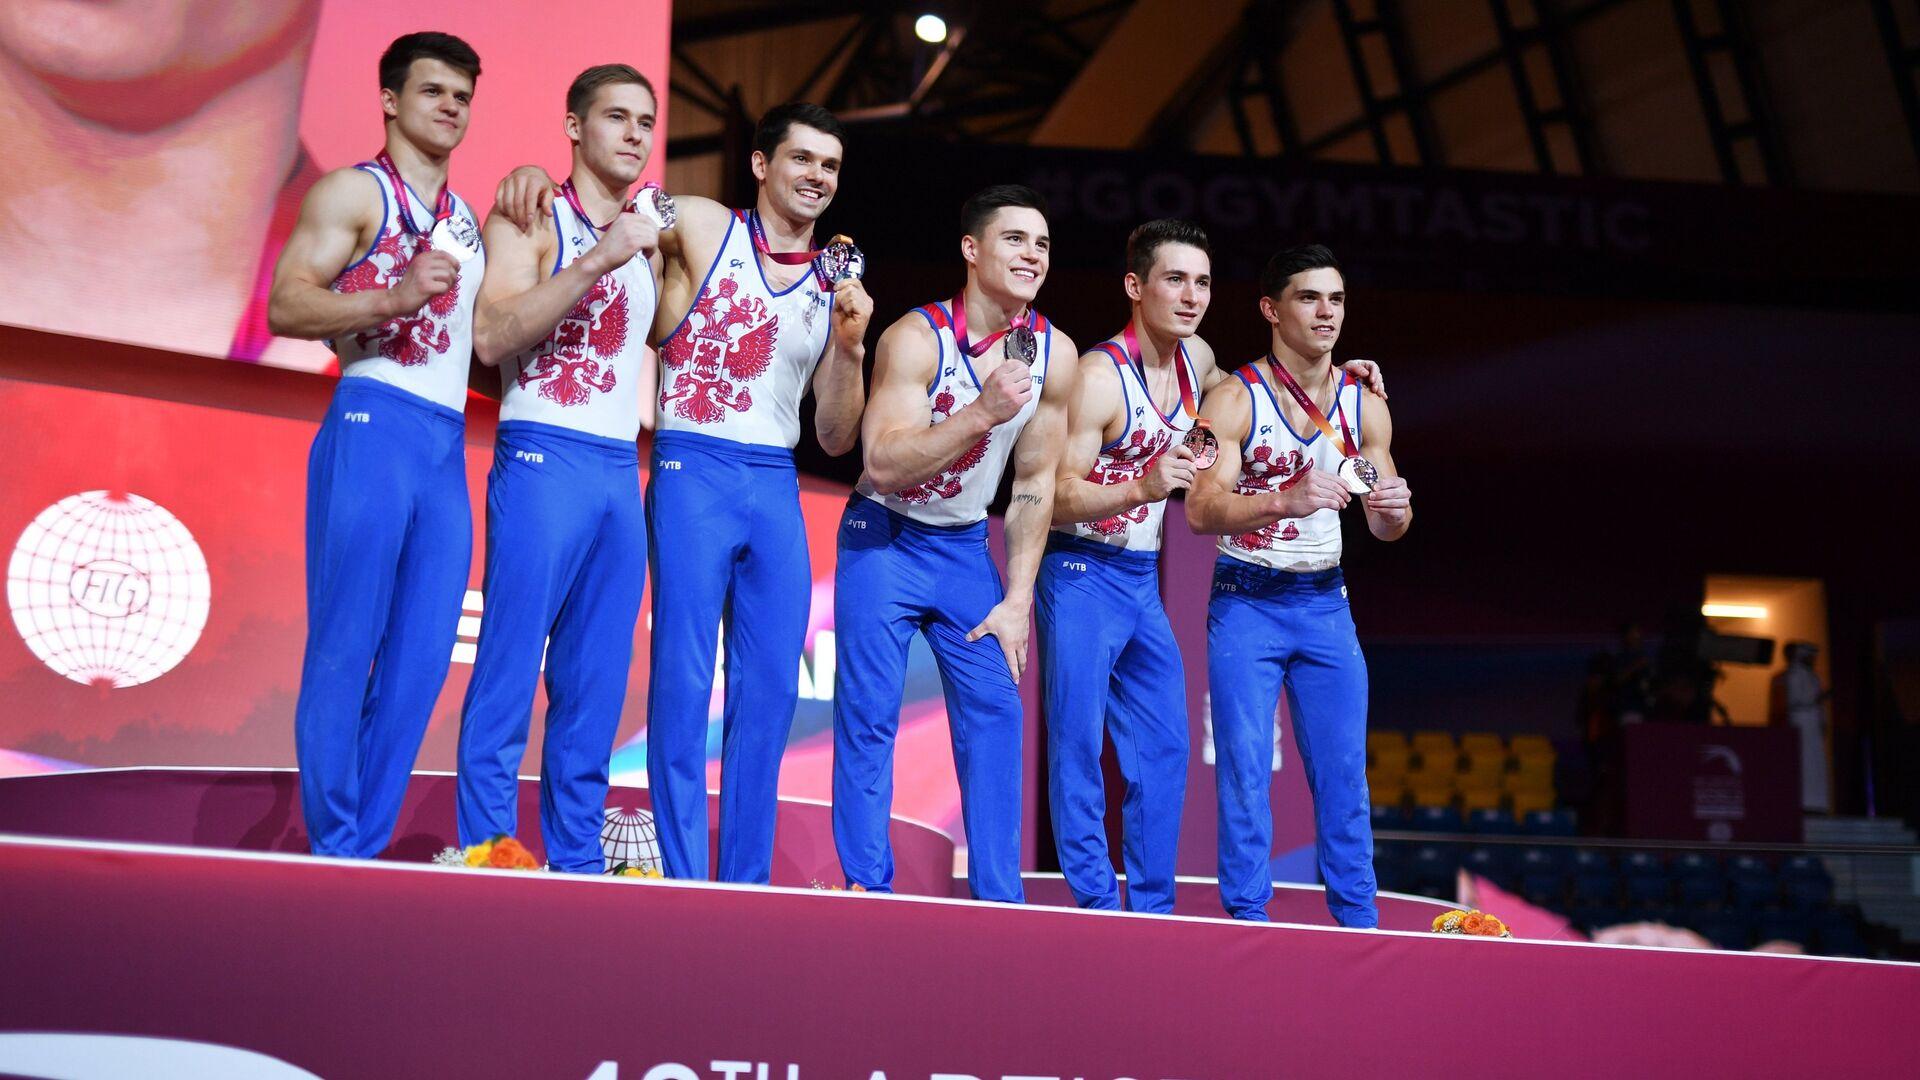 Российские гимнасты - РИА Новости, 1920, 11.09.2020